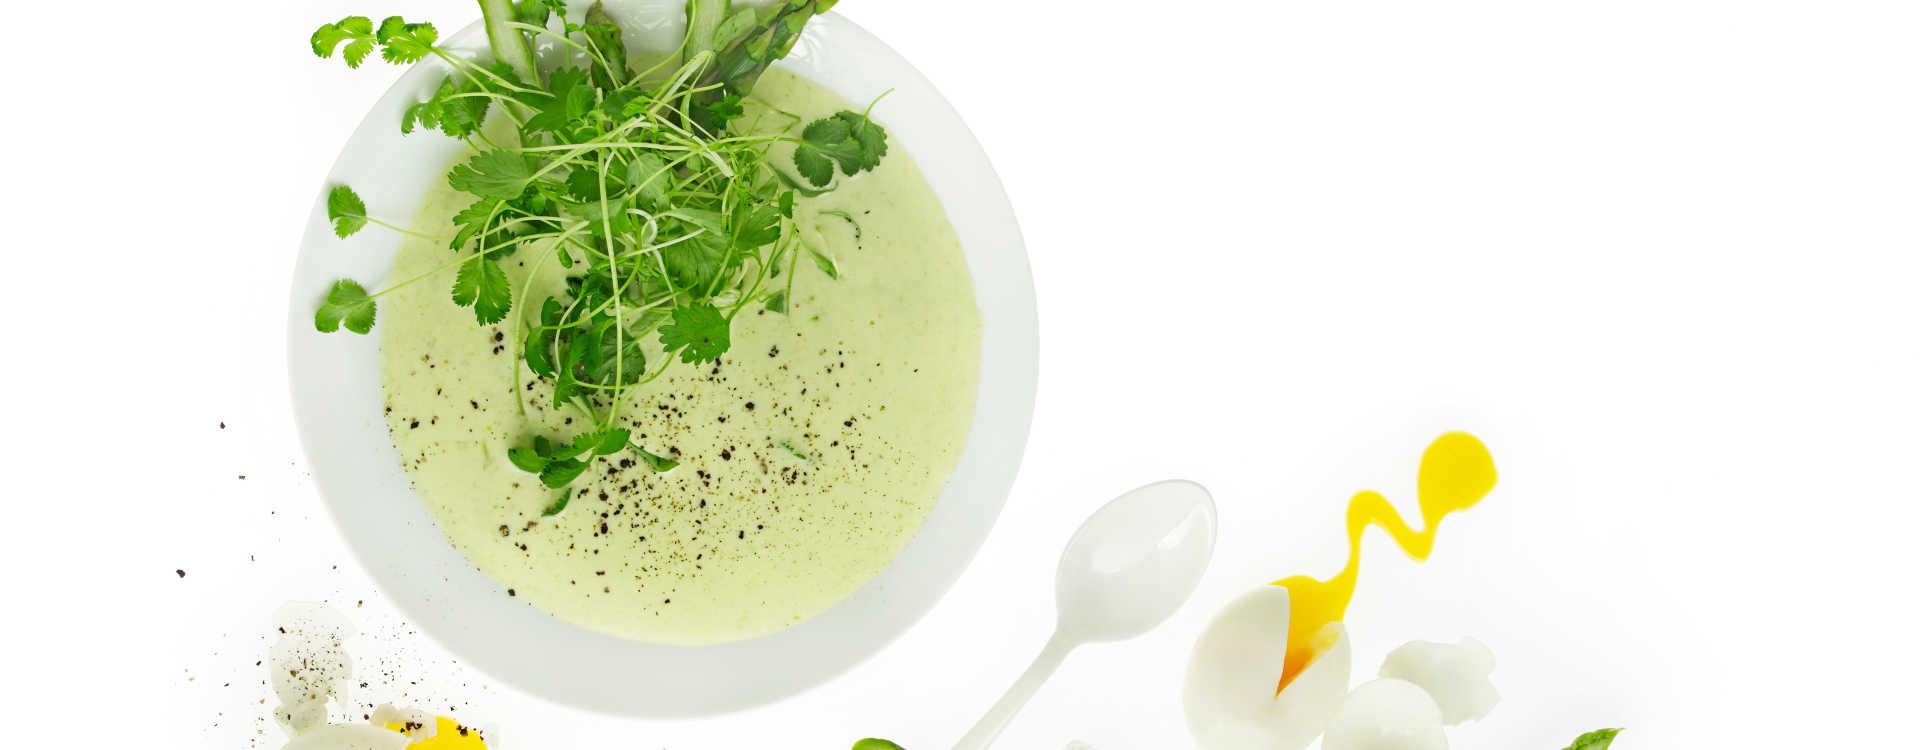 Aspargessuppe med koriander